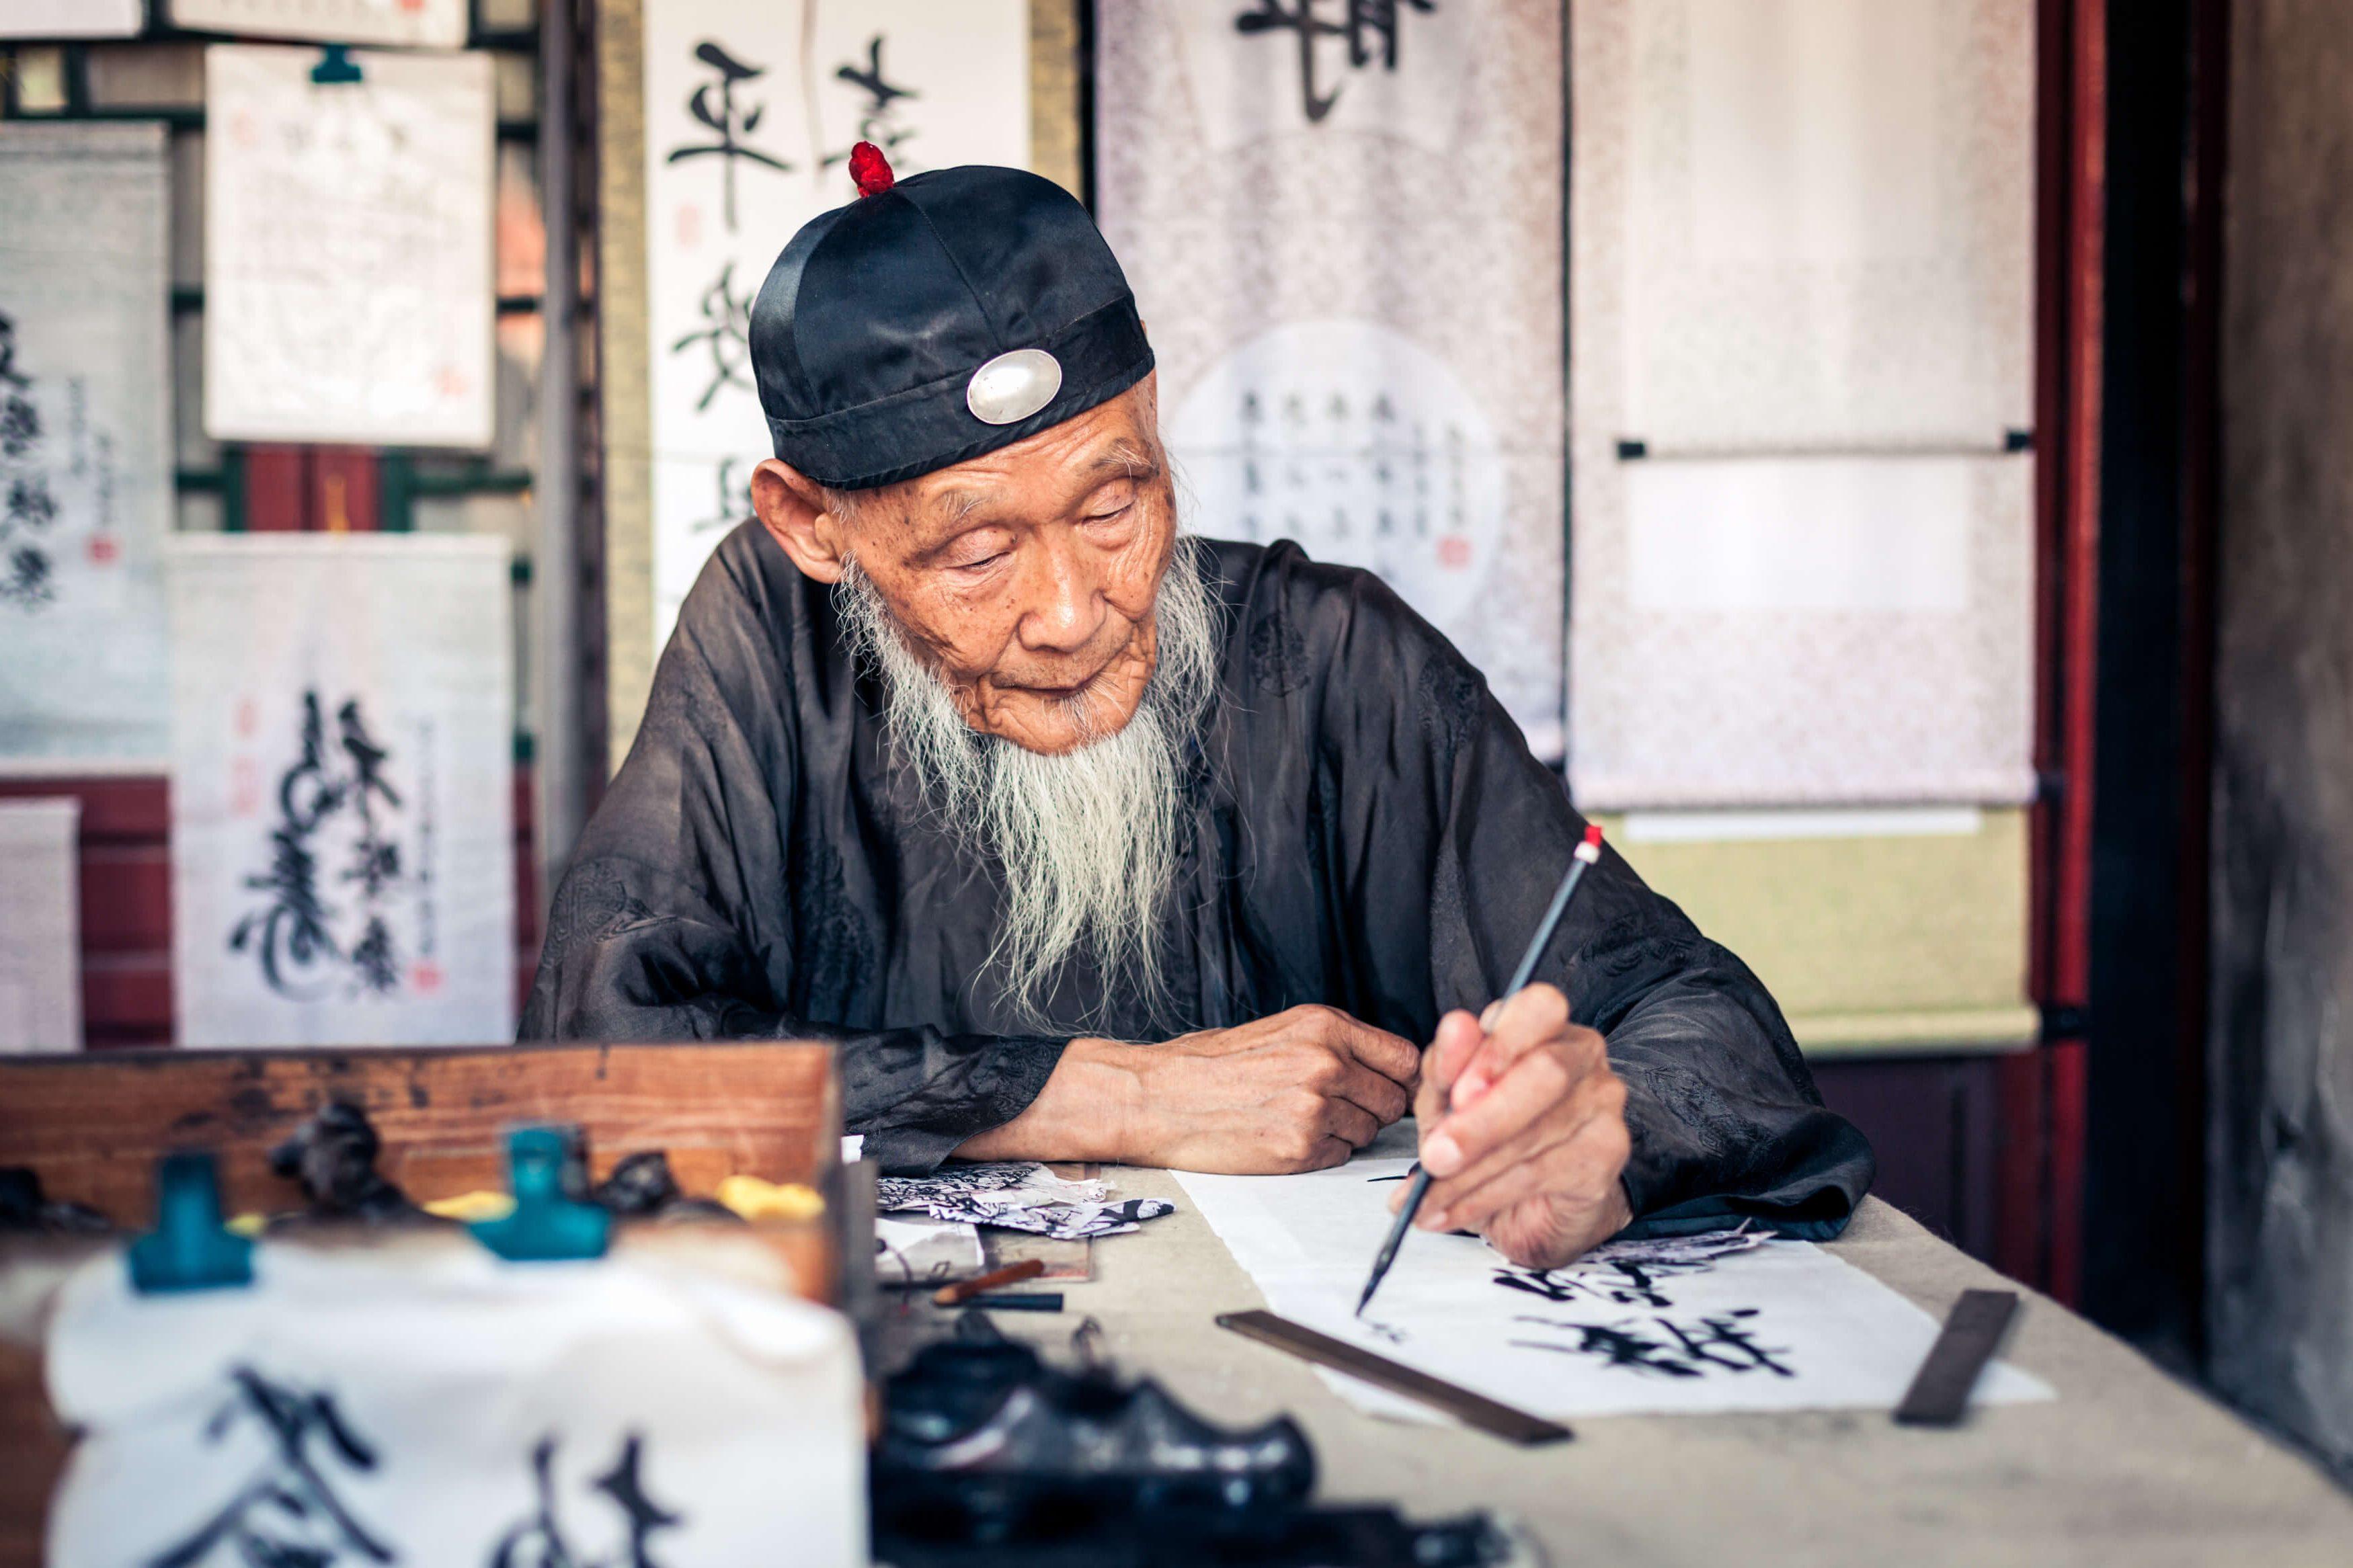 tarot chinois cartes tarot chinois de maître shogun tarot chinois passe present futur carte du jour chinois tarot japonais